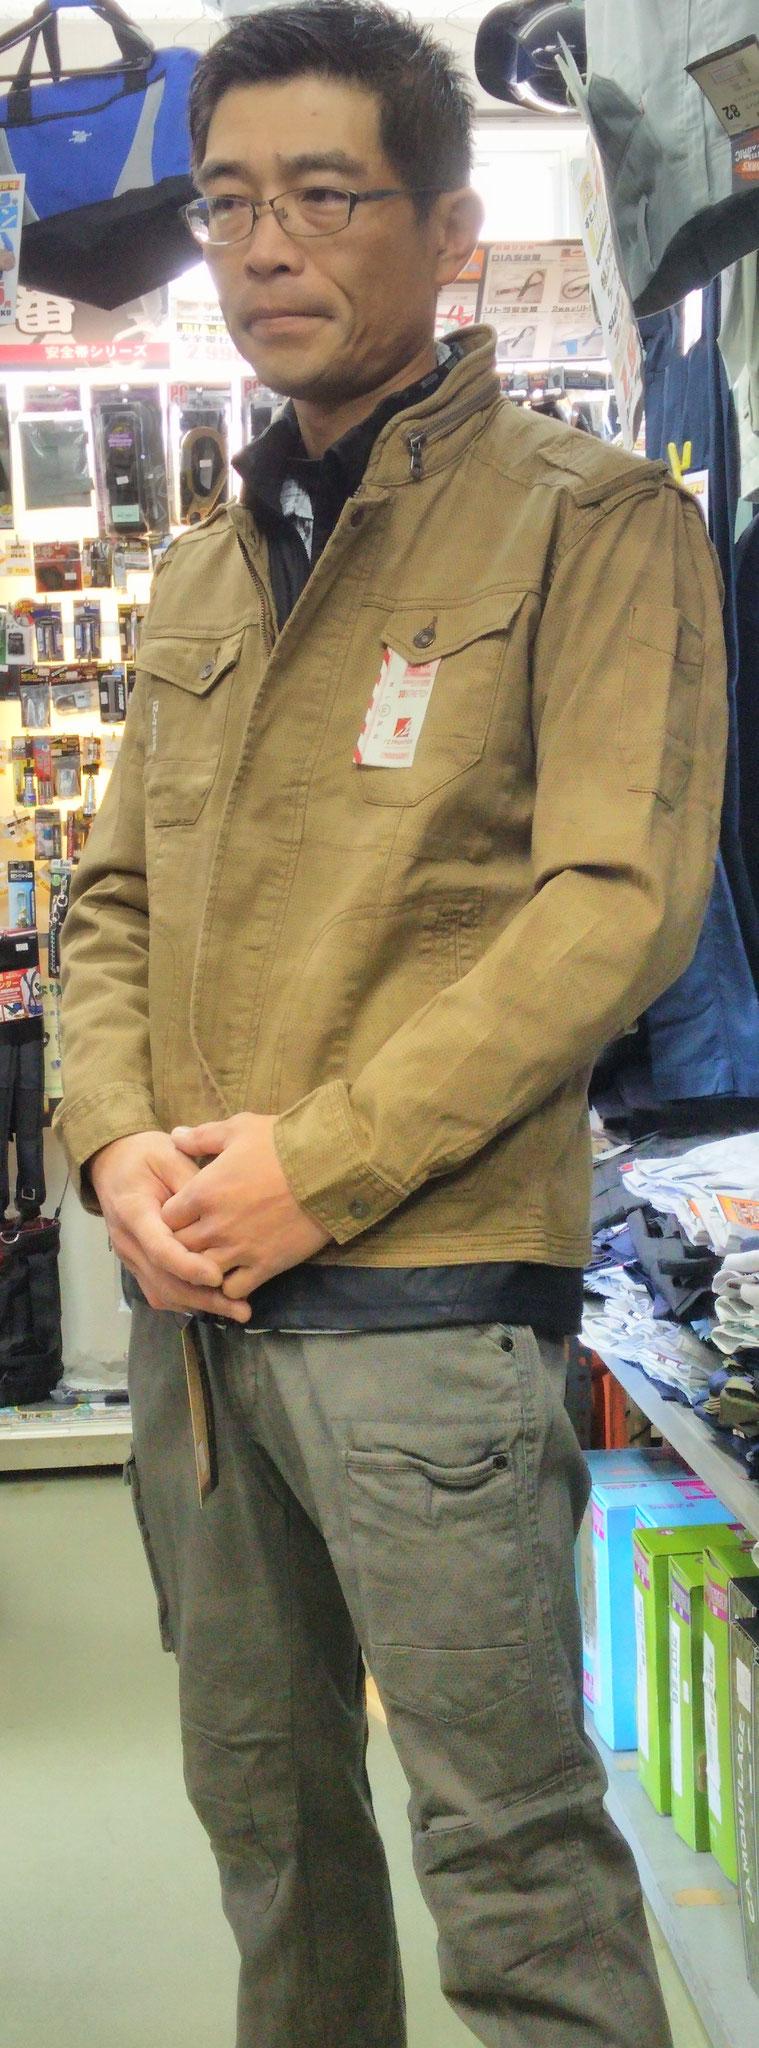 I'Z FRONTIER 7250 SERIES ~アイズフロンティア~ デジタル迷彩柄着てみました。